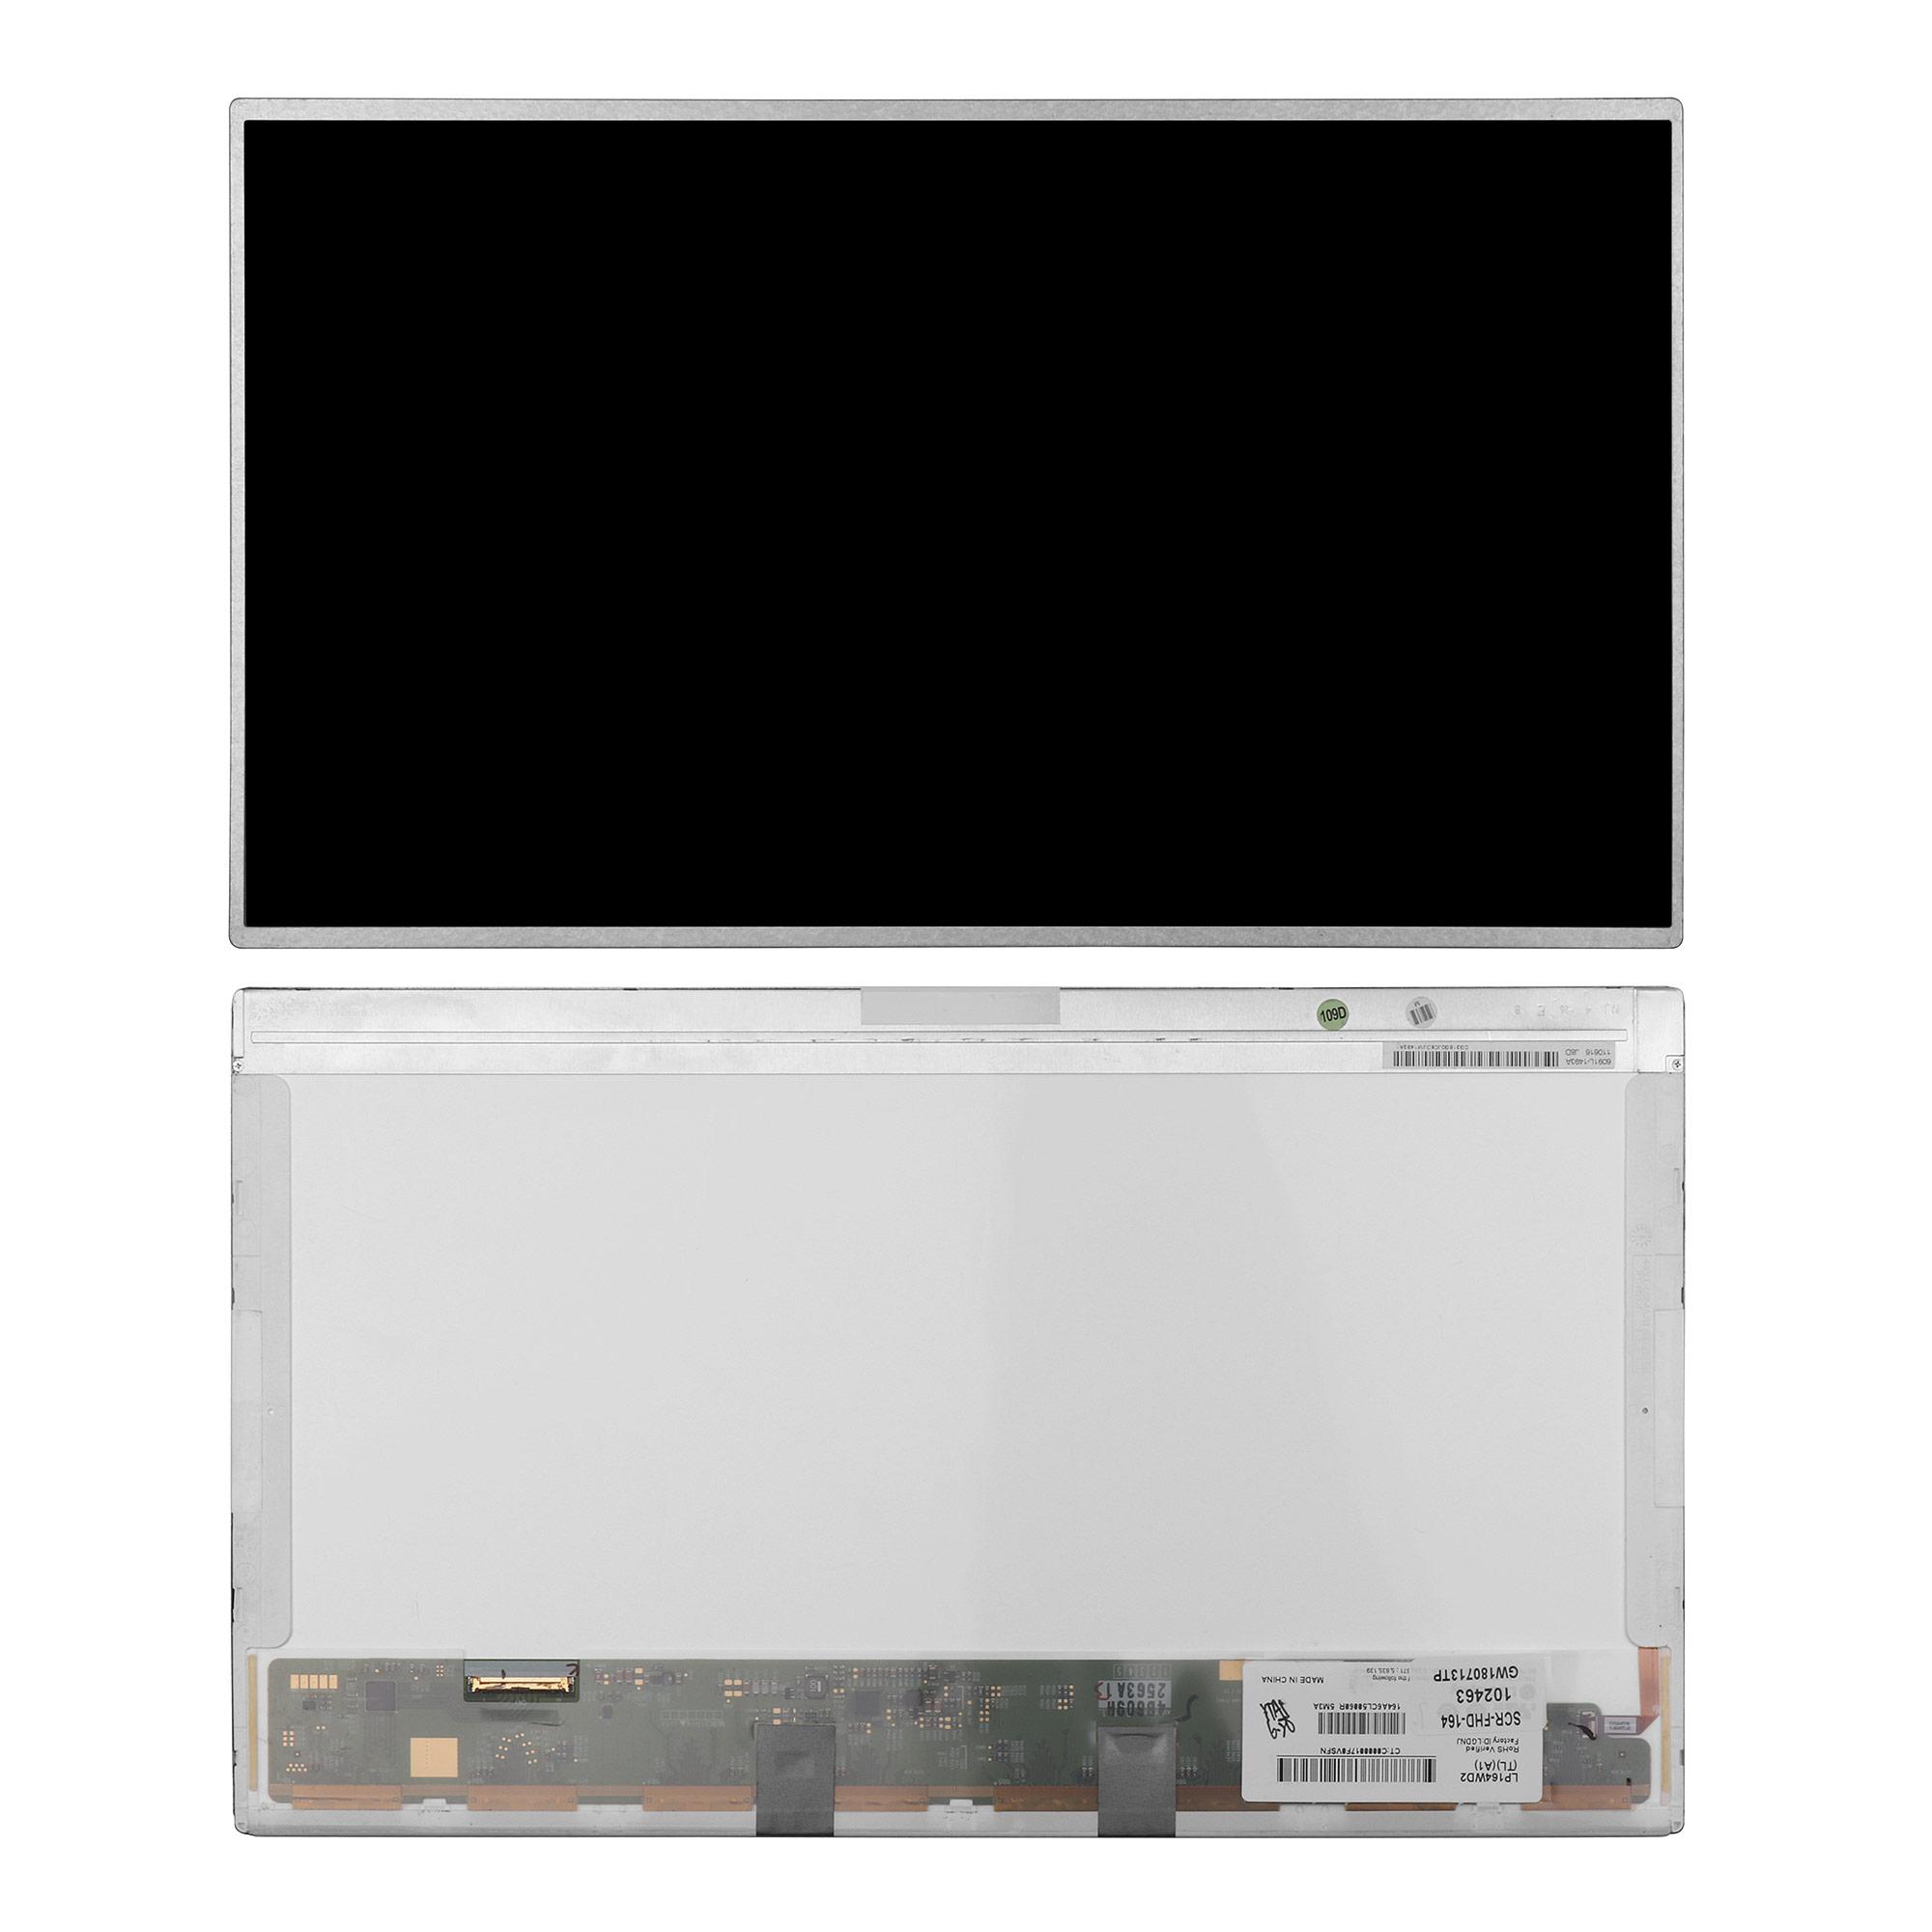 Запчасти для ремонта теле, видео, аудио 16.4 1920x1080 WUXGA FHD 40 pin LED. PN: LP164WD2 (TL)(A1)